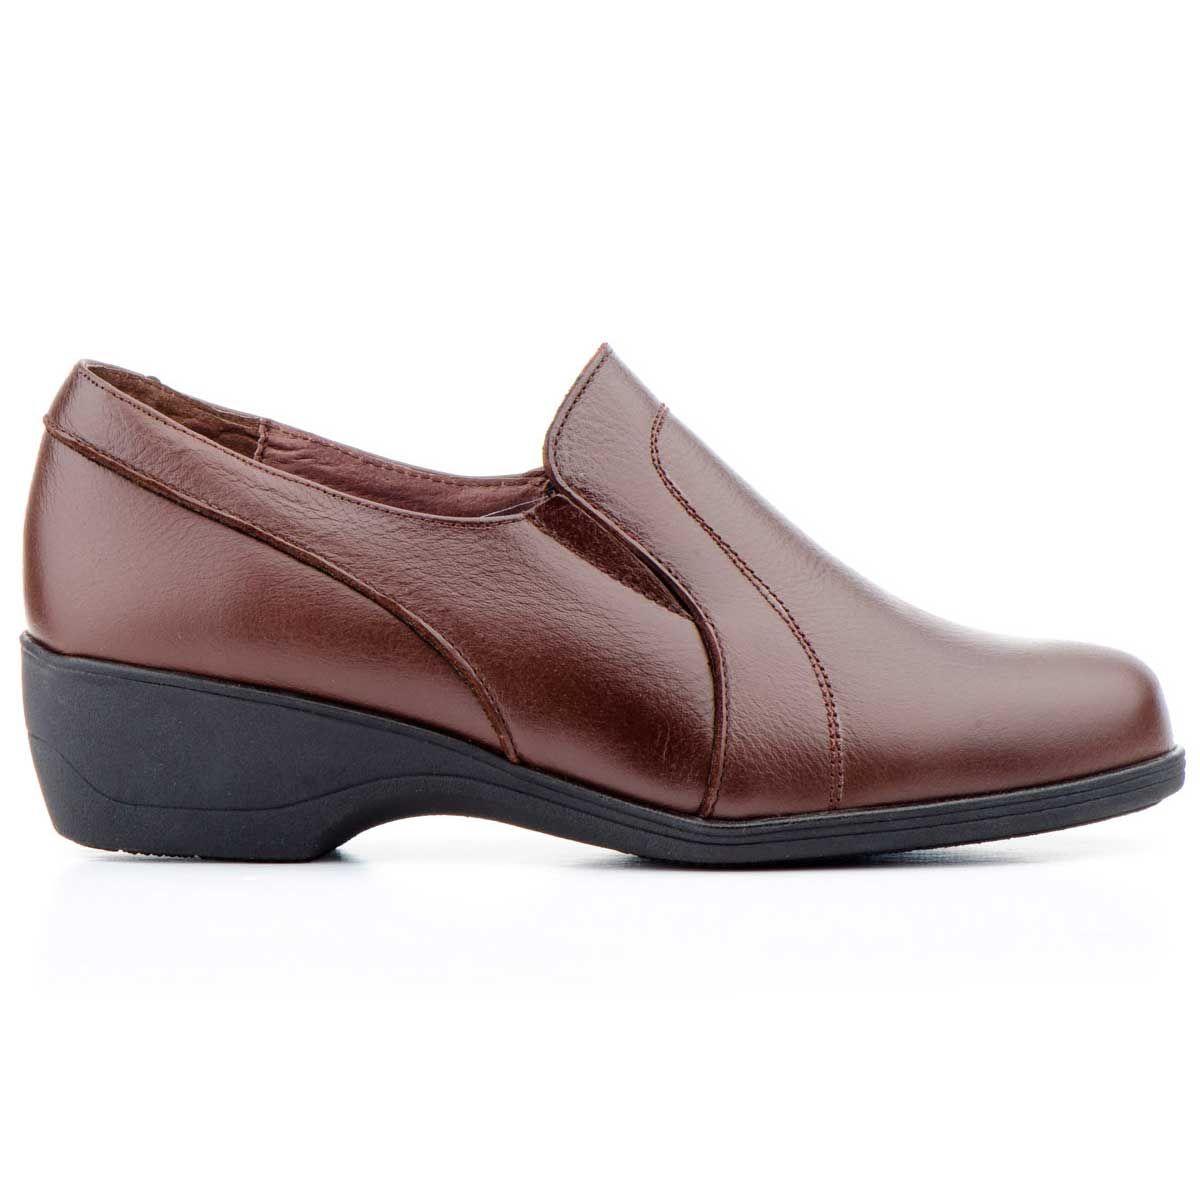 Purapiel Wedge Shoe in Brown